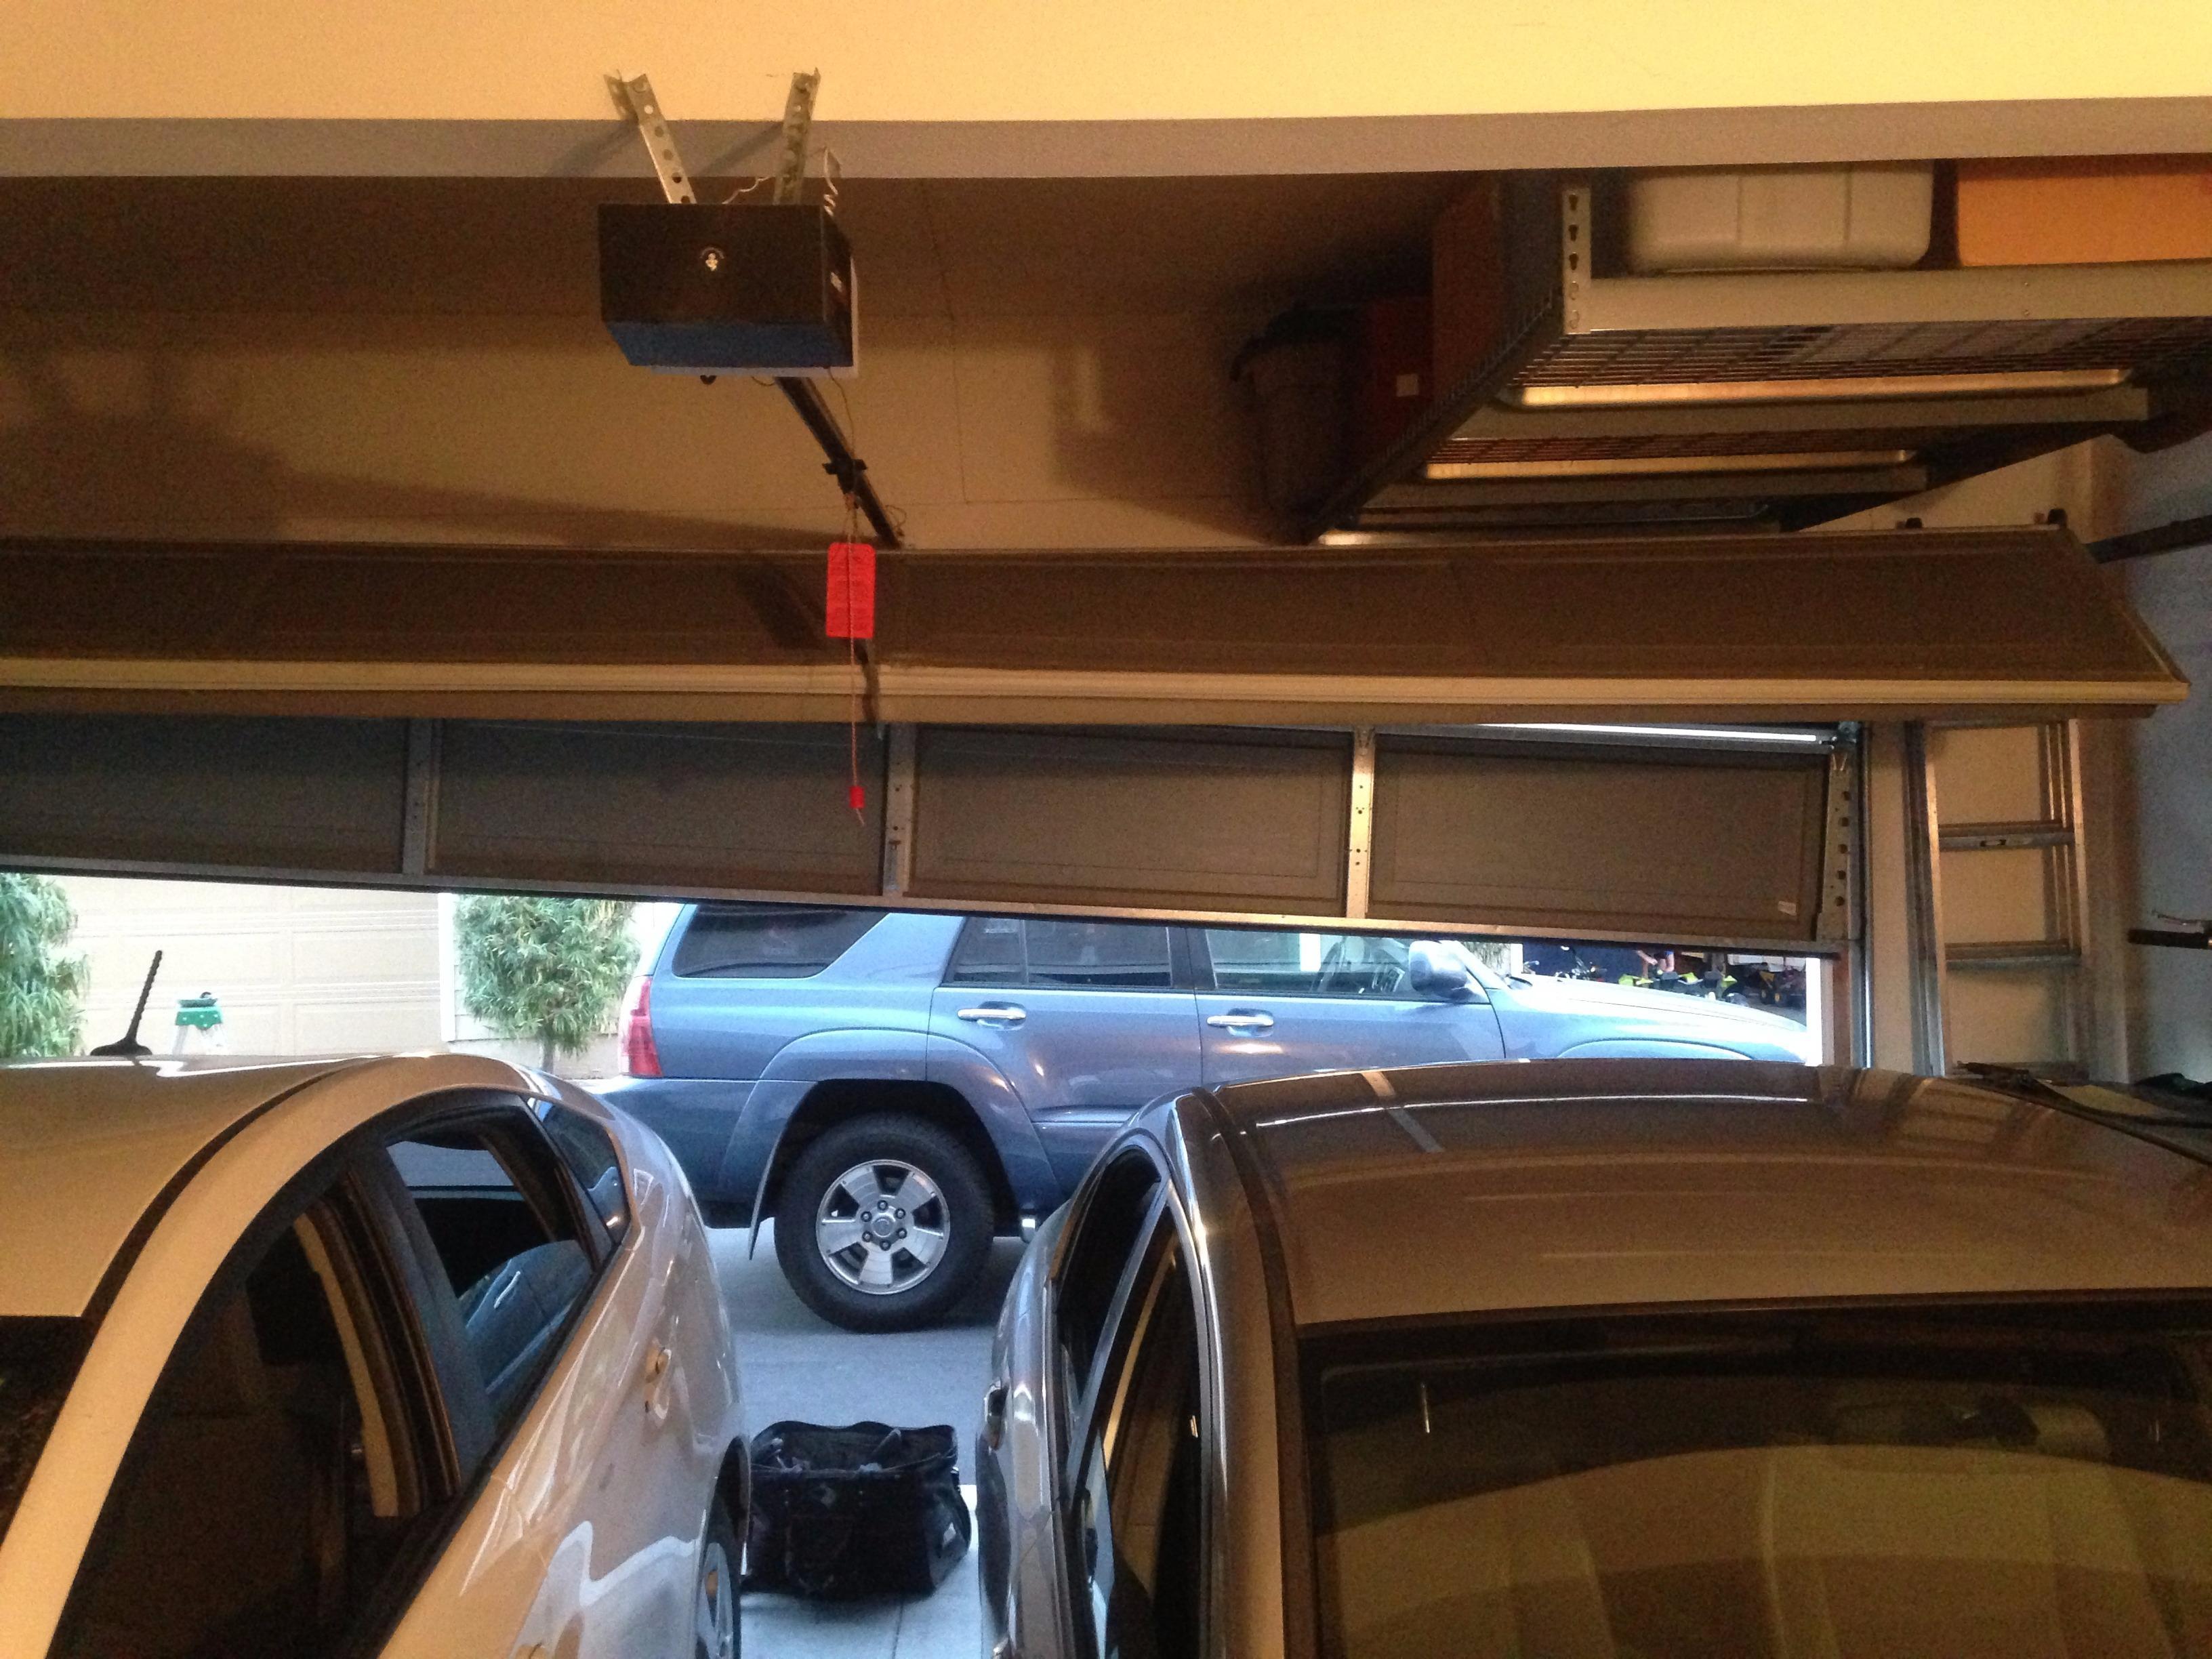 Broward county garage doors inc coupons plantation fl for 24 7 garage door repair near me